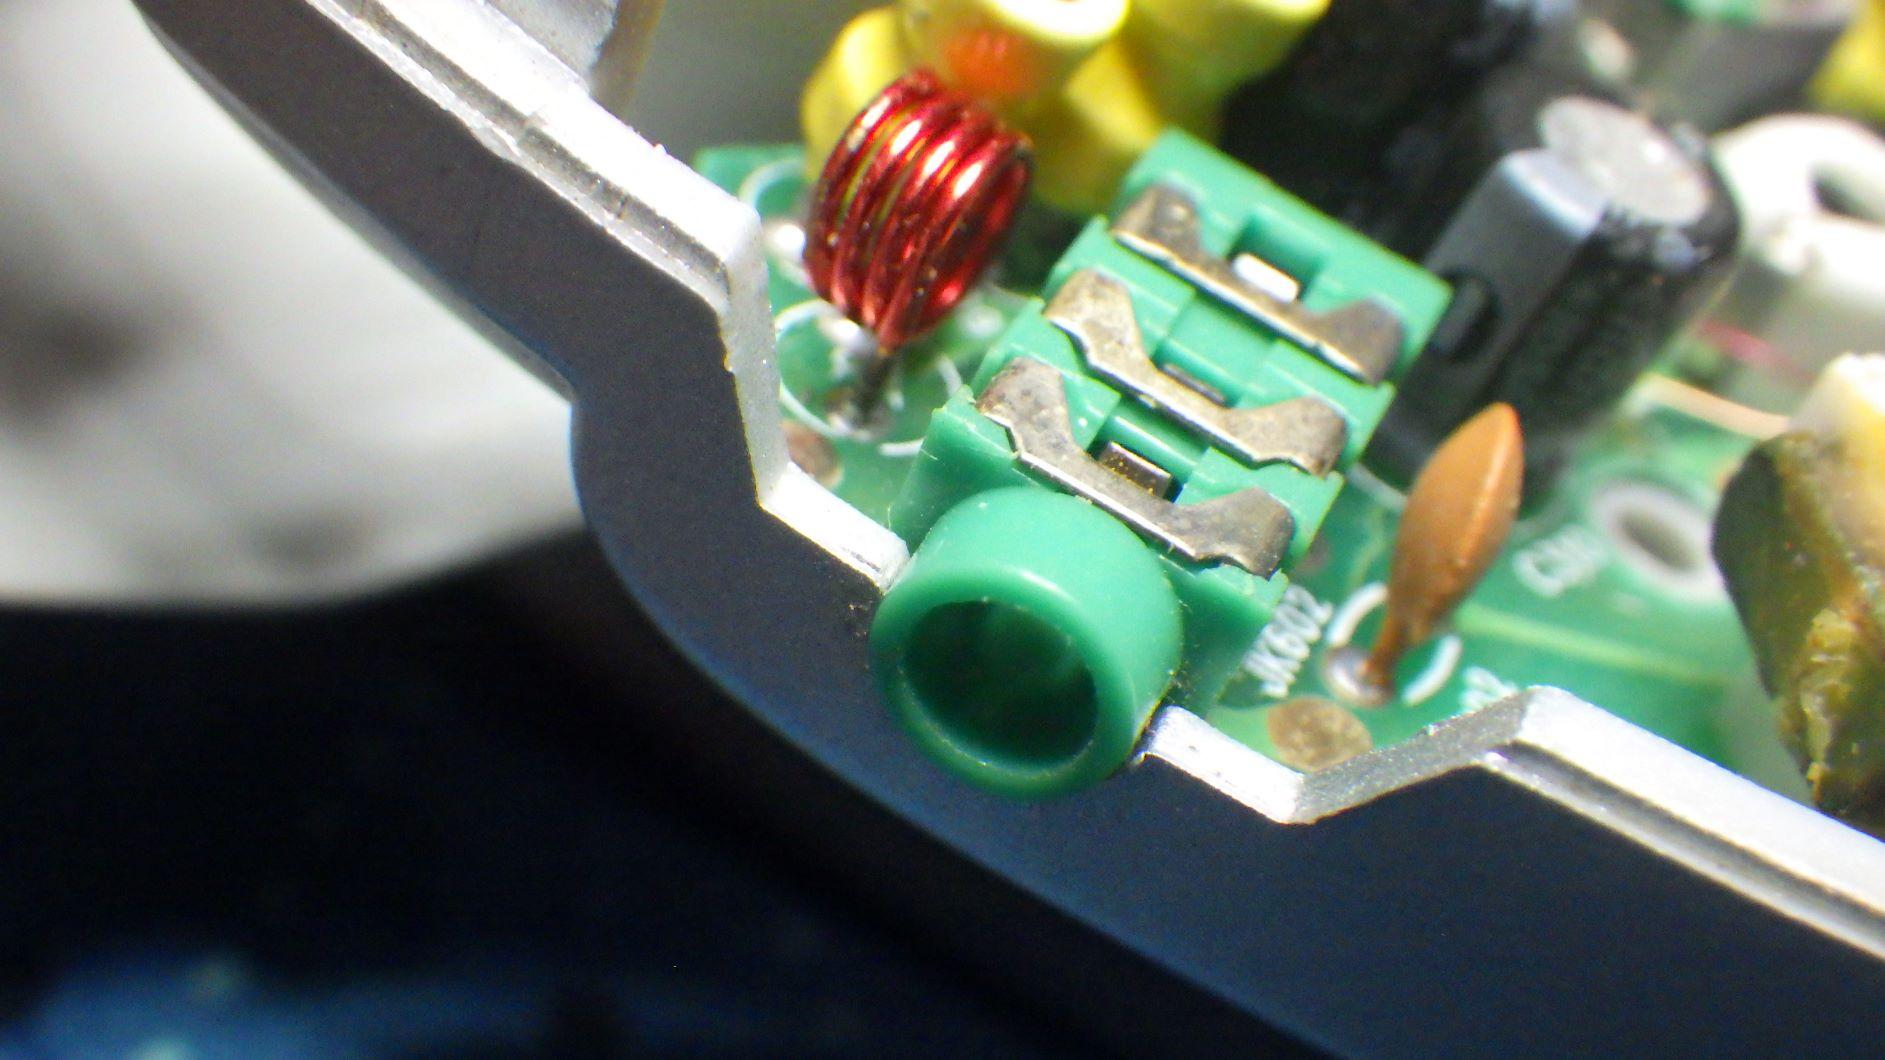 Shiny soon-to-be used socket